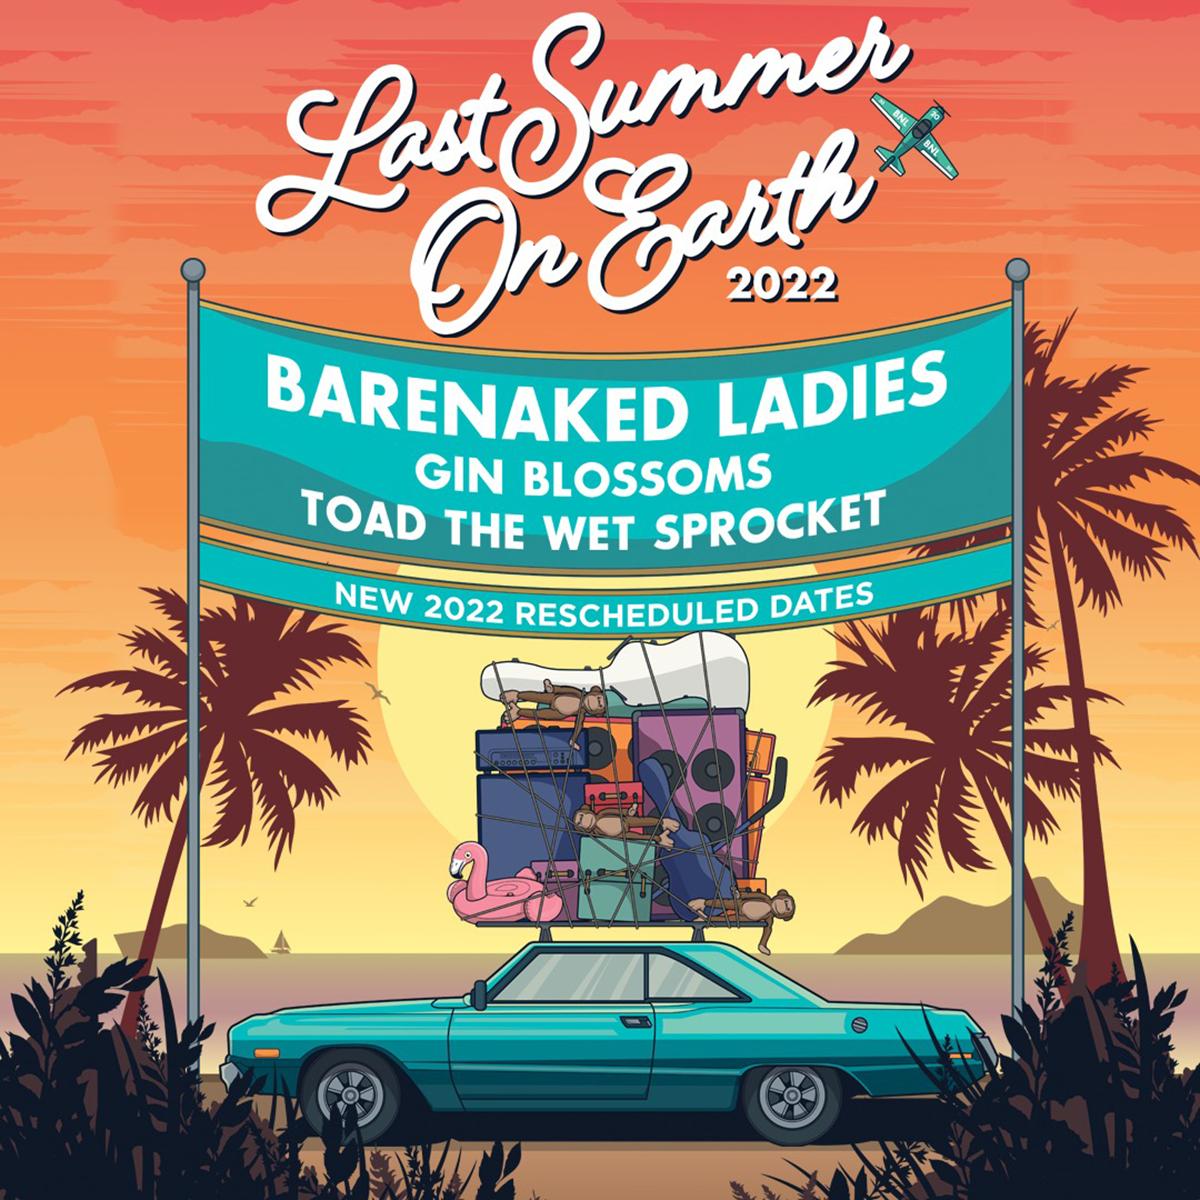 Barenaked Ladies Tour 2022 Poster